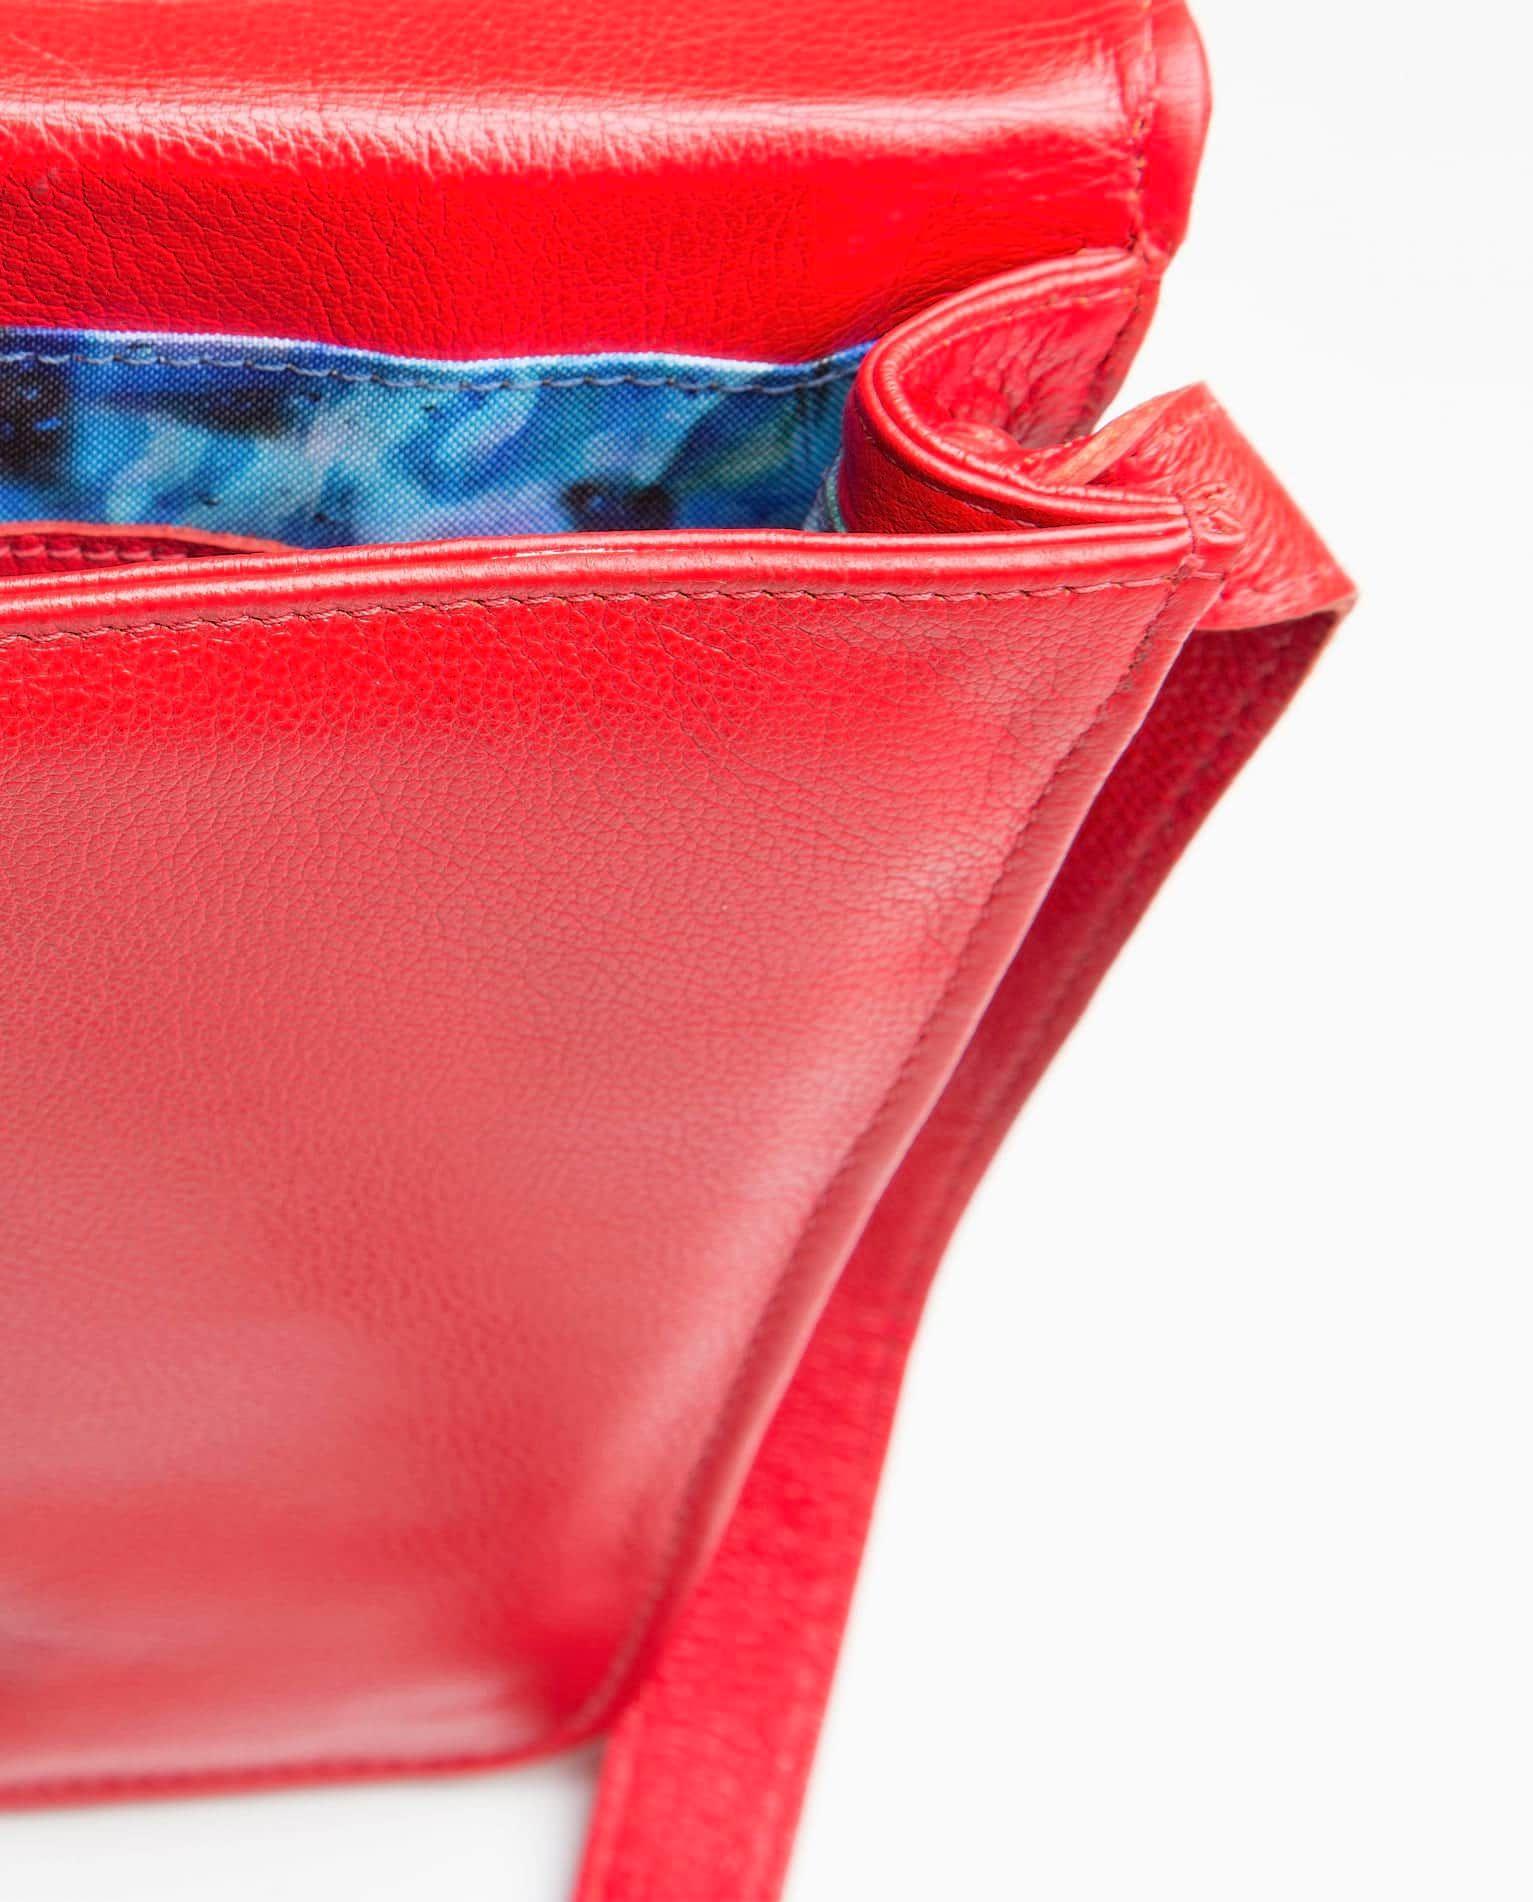 f18802830 Bolsa de couro pequena trapézio Jenny vermelha - LEPRERI - Small leather  handbag red